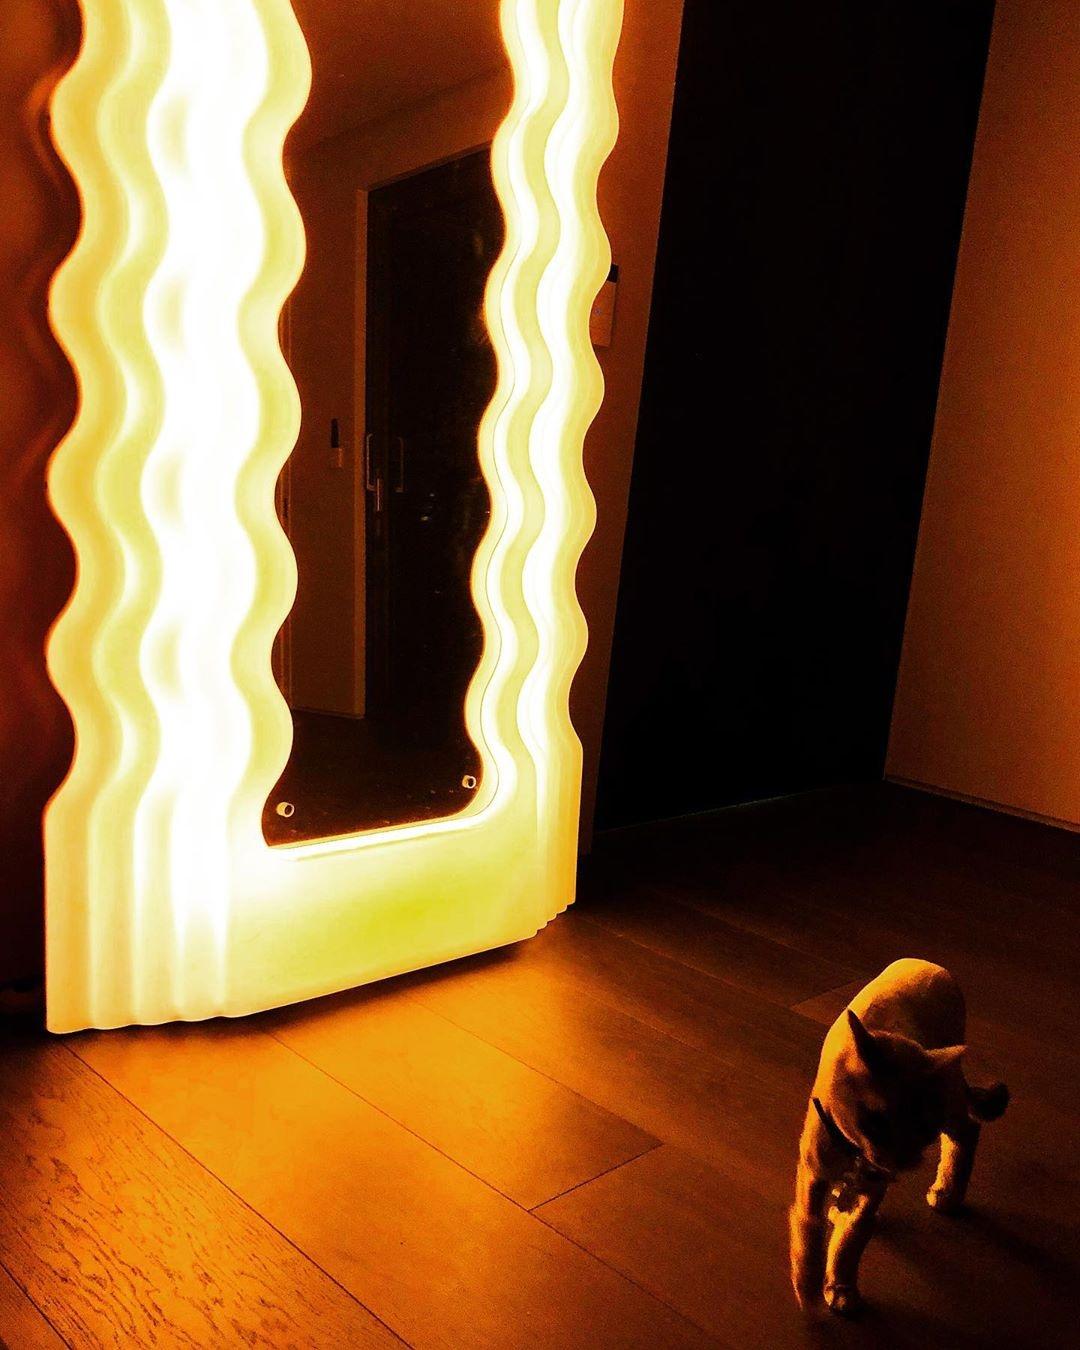 权志龙入住约5千万元超高级豪宅 在SNS上公开内部装饰成为话题